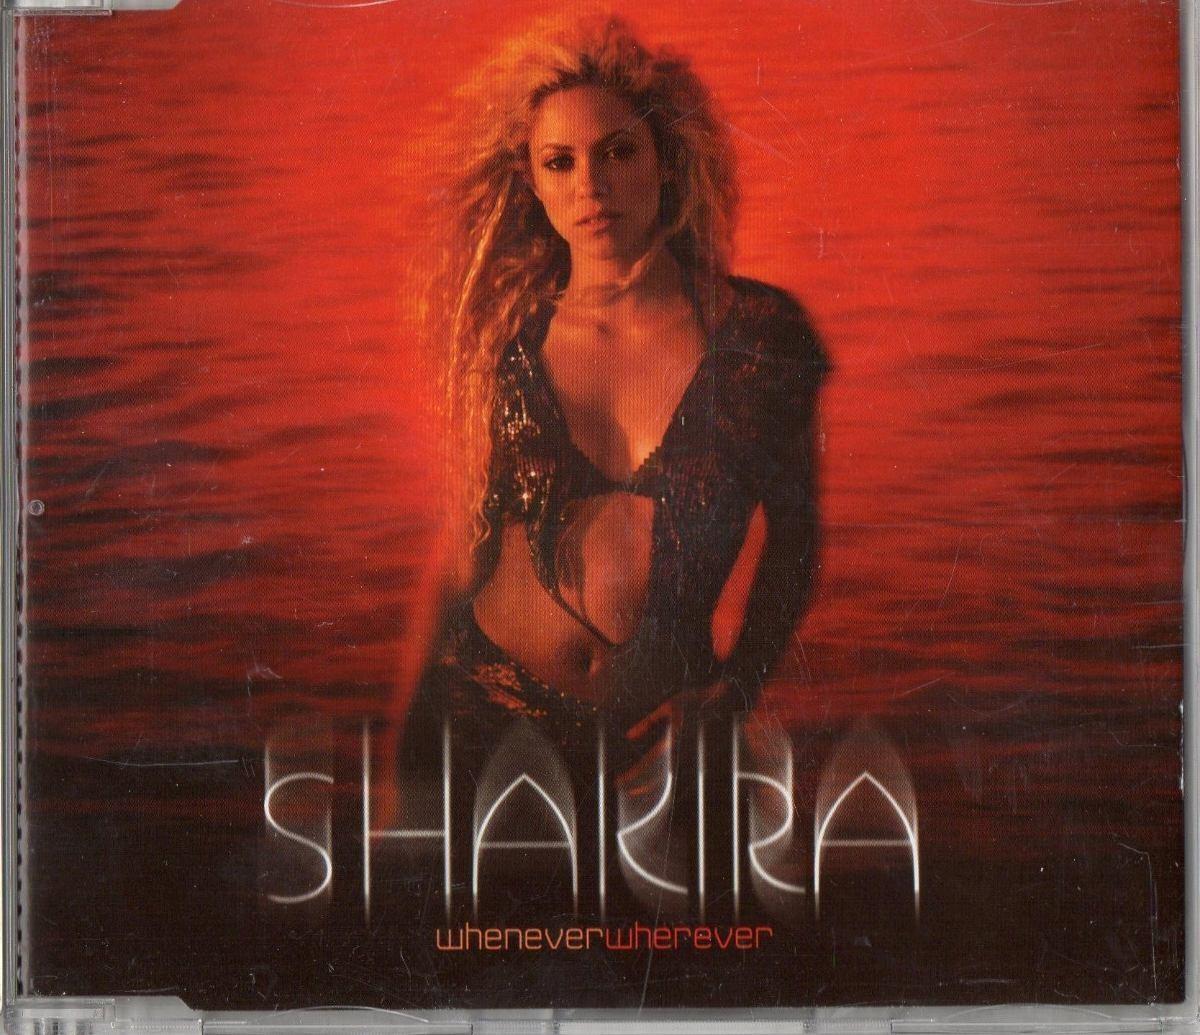 Un día como hoy, pero hace 13 años, #Shakira debutaba en el Billboard Hot 100 con #WheneverWherever en el #6. A nivel mundial, ha vendido más de 8.5 millones de copias físicas, lo que lo convierte en uno de los singles más vendidos de todos los tiempos.